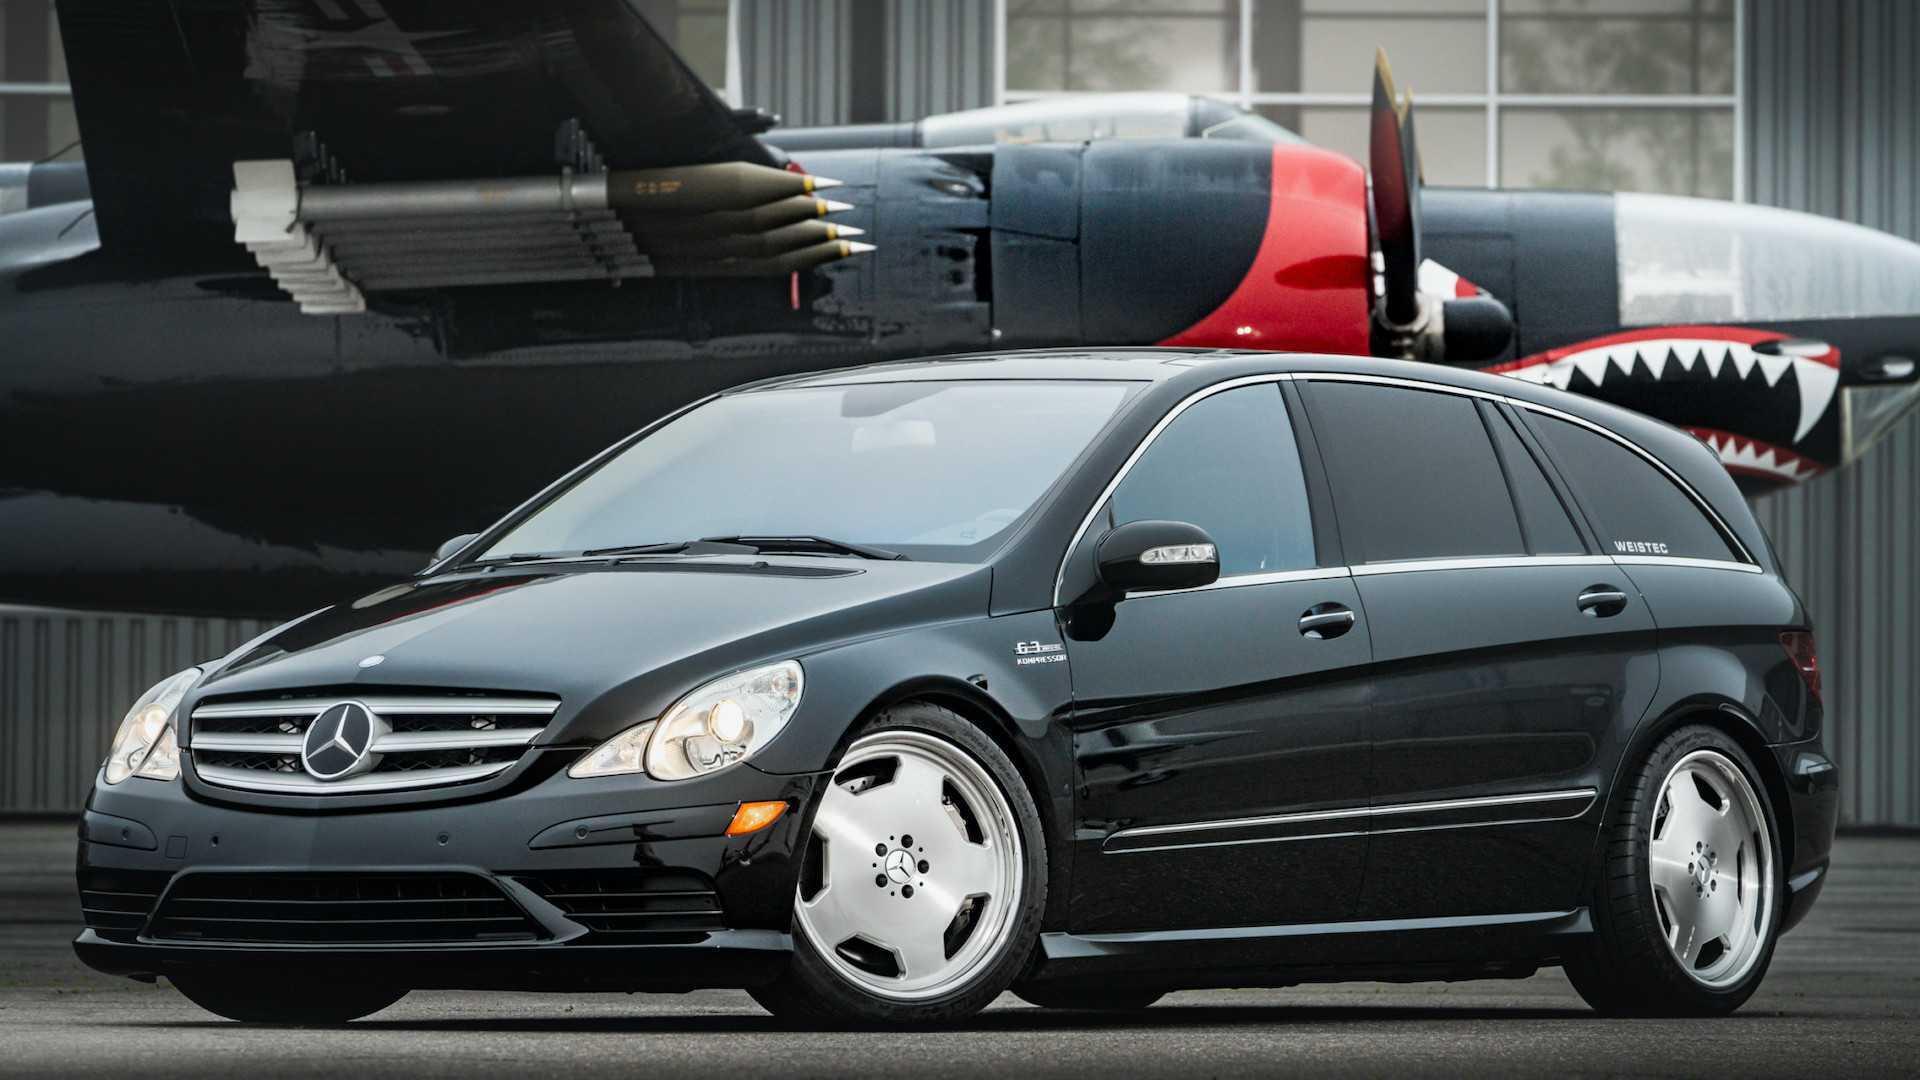 Mercedes R63 AMG розганяється до 96 км/год за 4,6 секунди